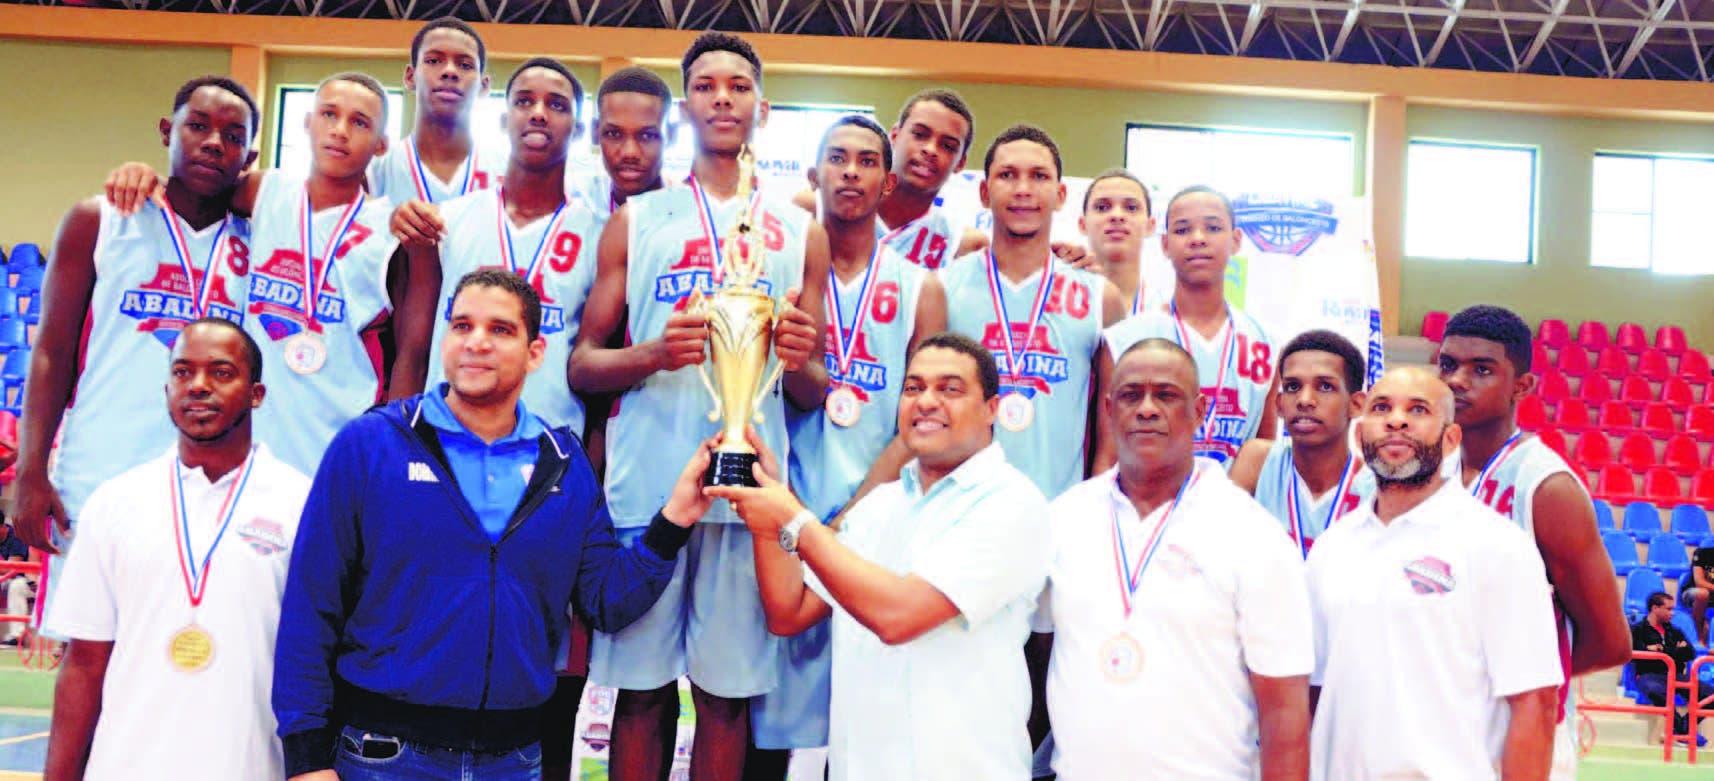 DN campeón del torneo del baloncesto U-16